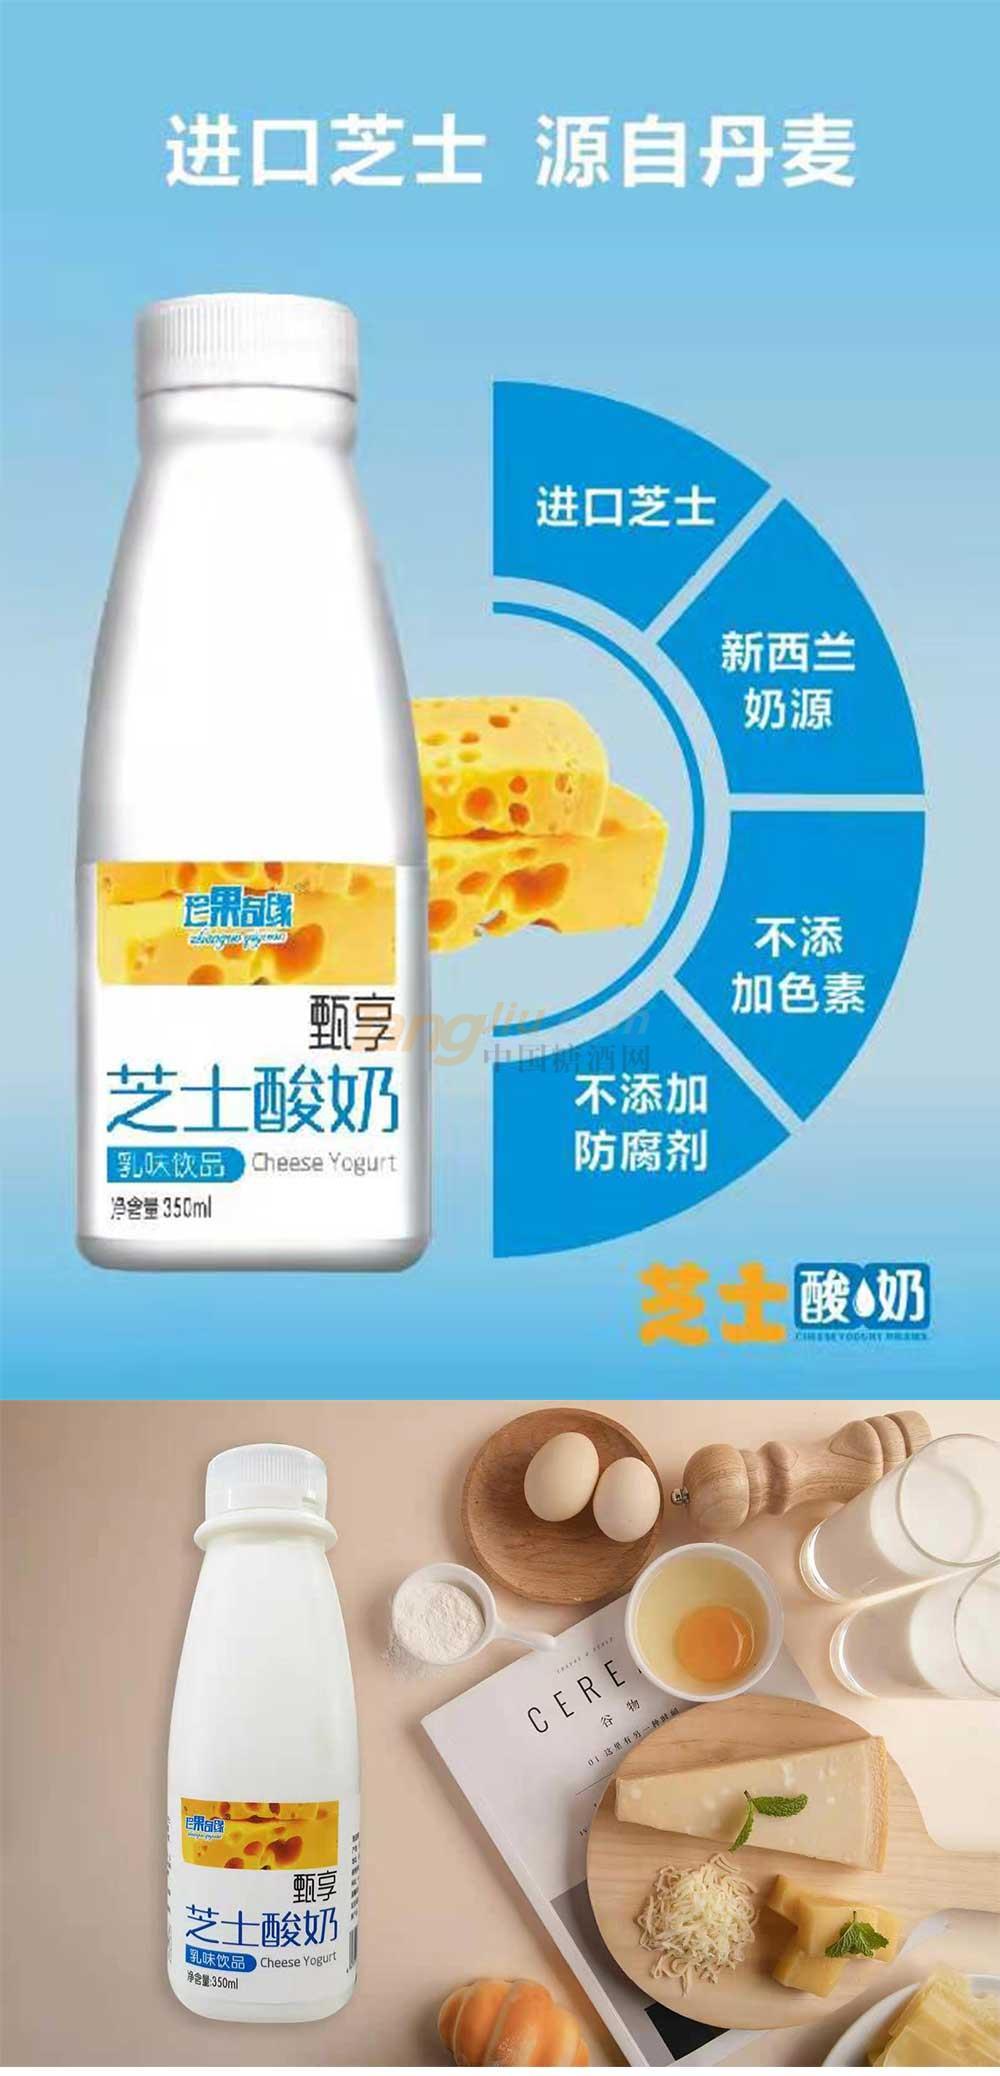 芝士酸奶350ml产品介绍.jpg